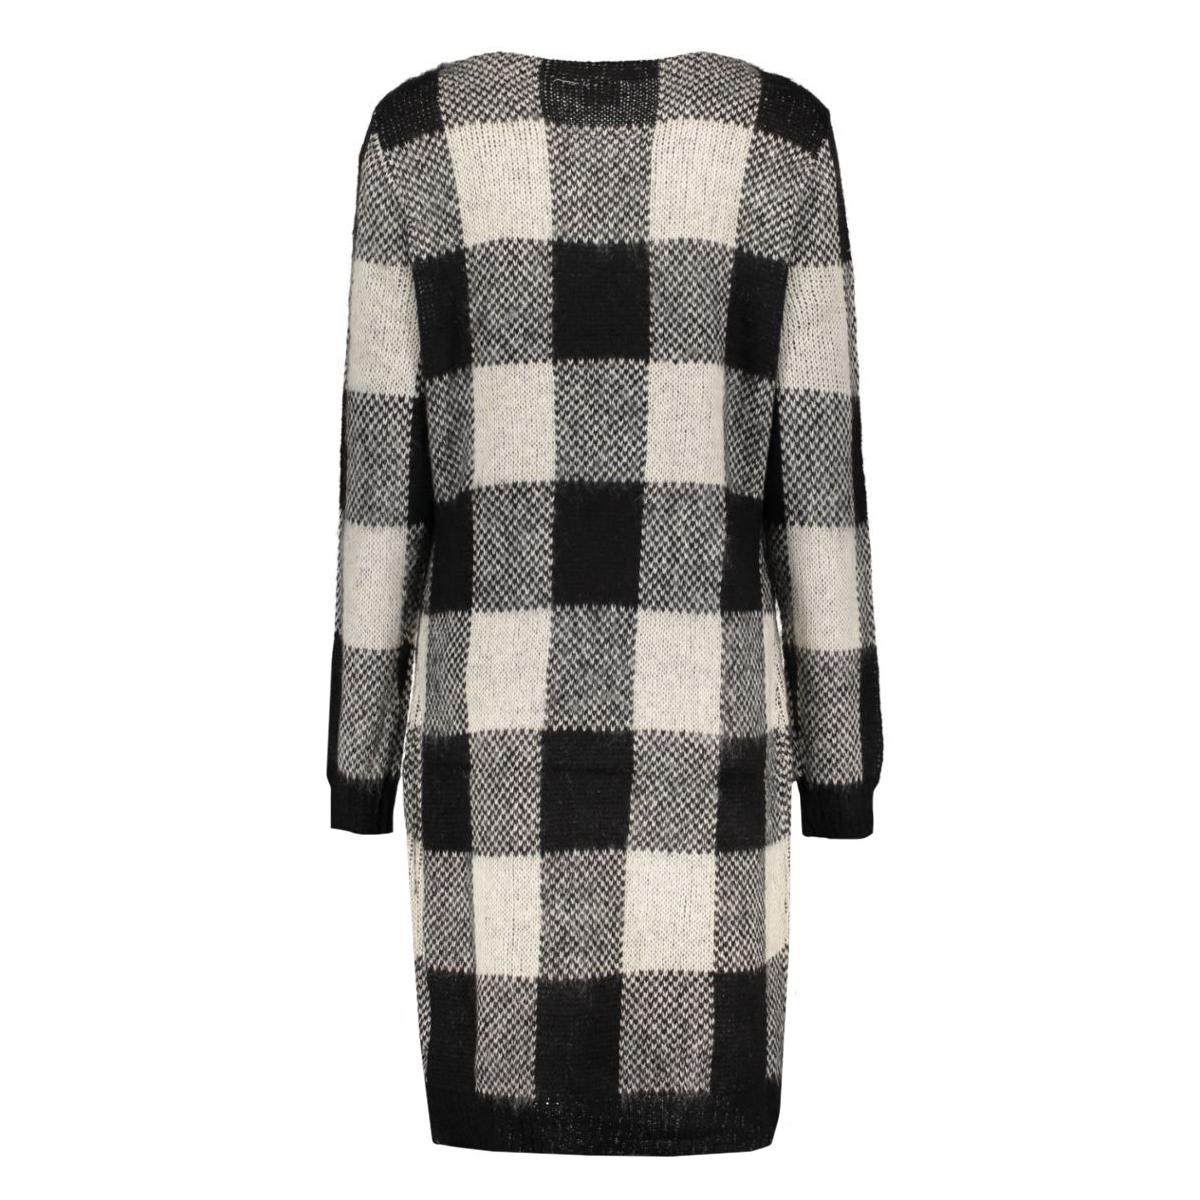 objtrille l/s knit dress 87 23023061 object jurk black